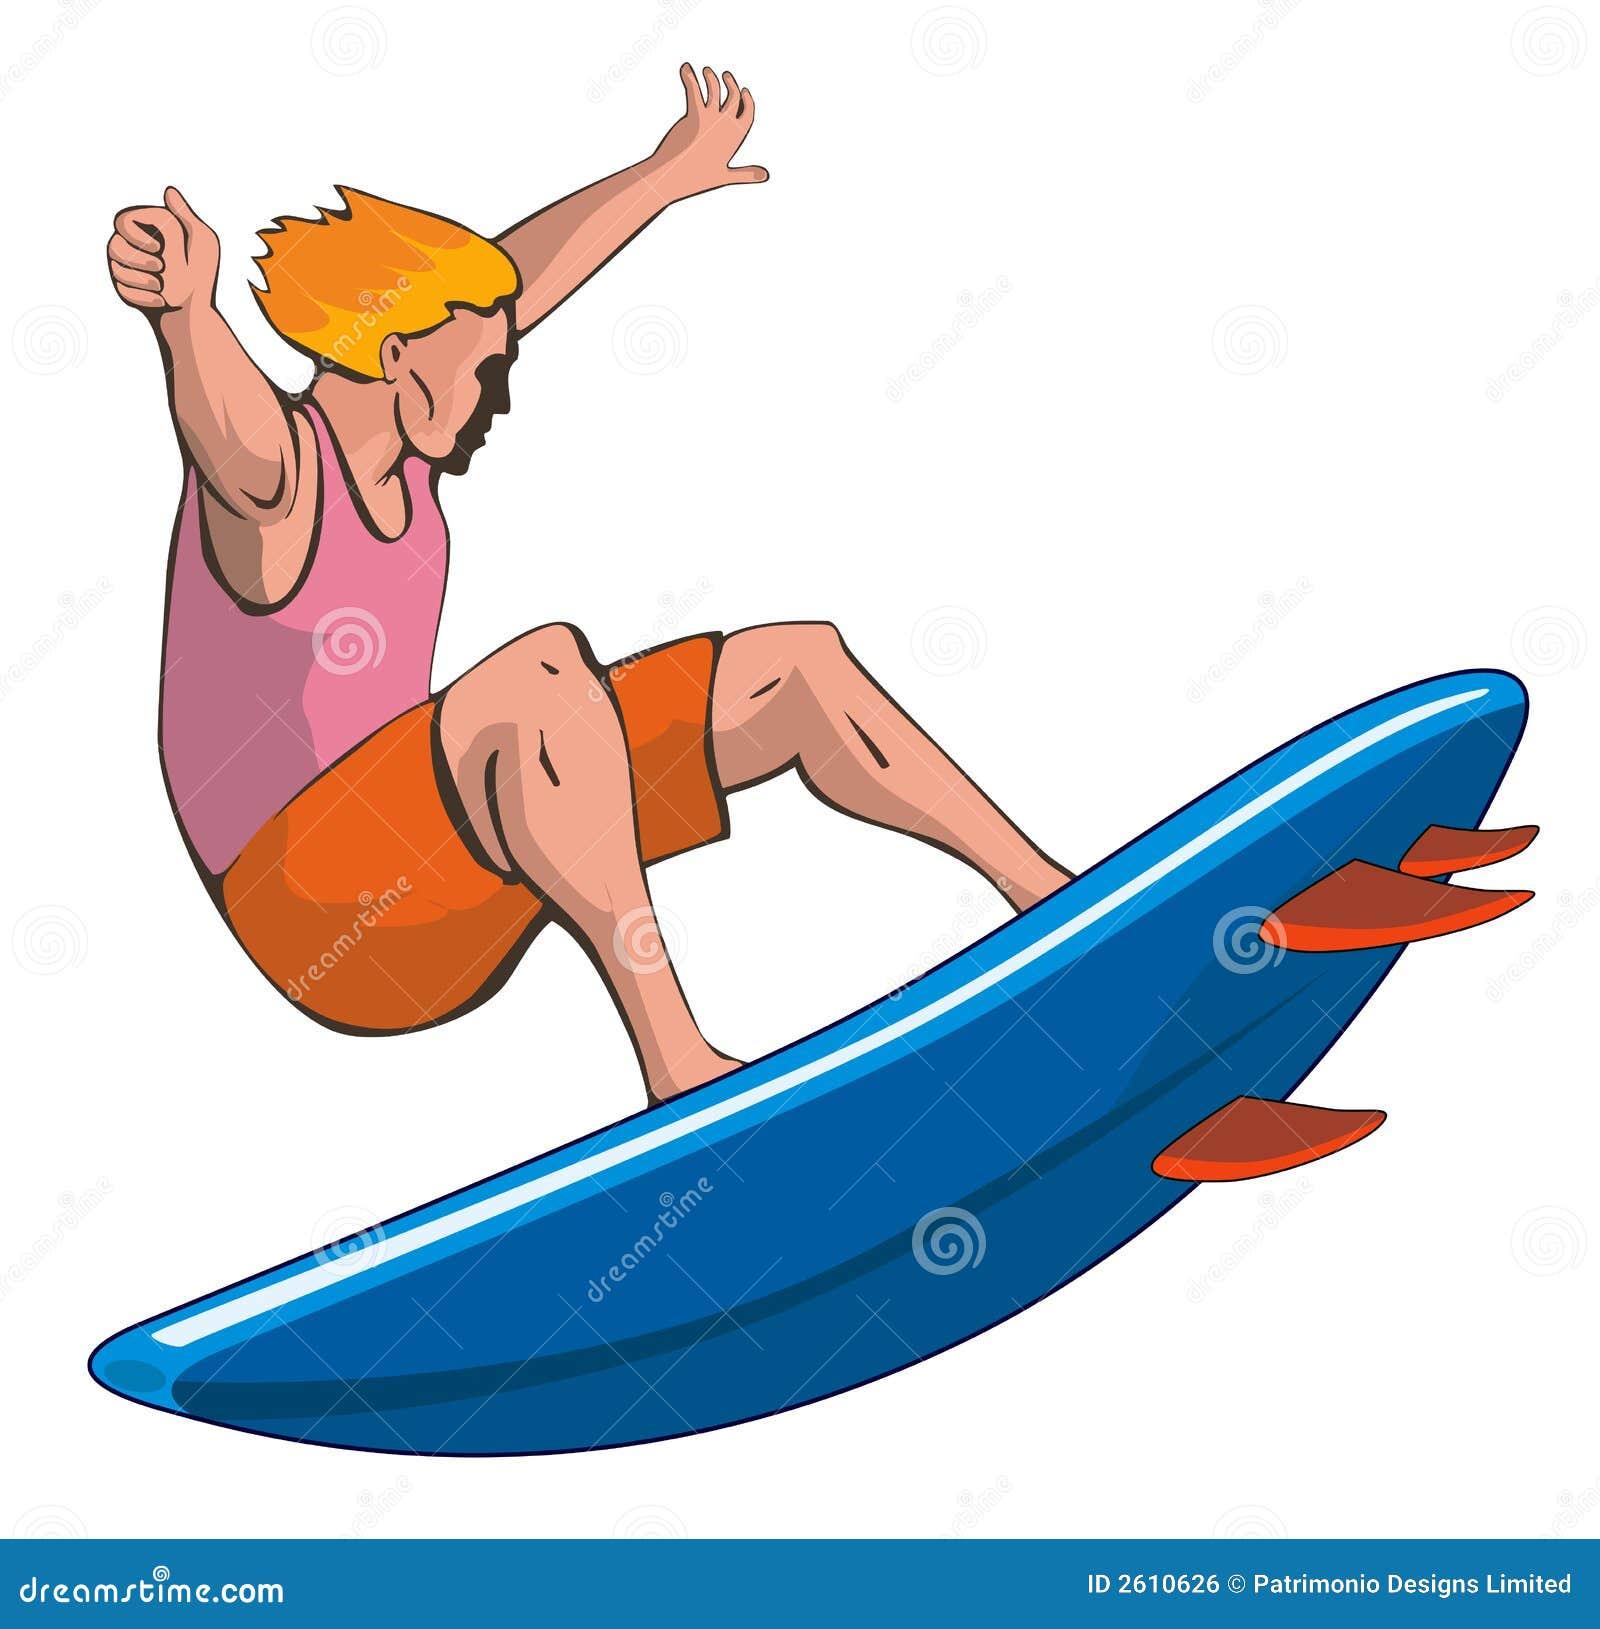 Surfer Dude Surfboard